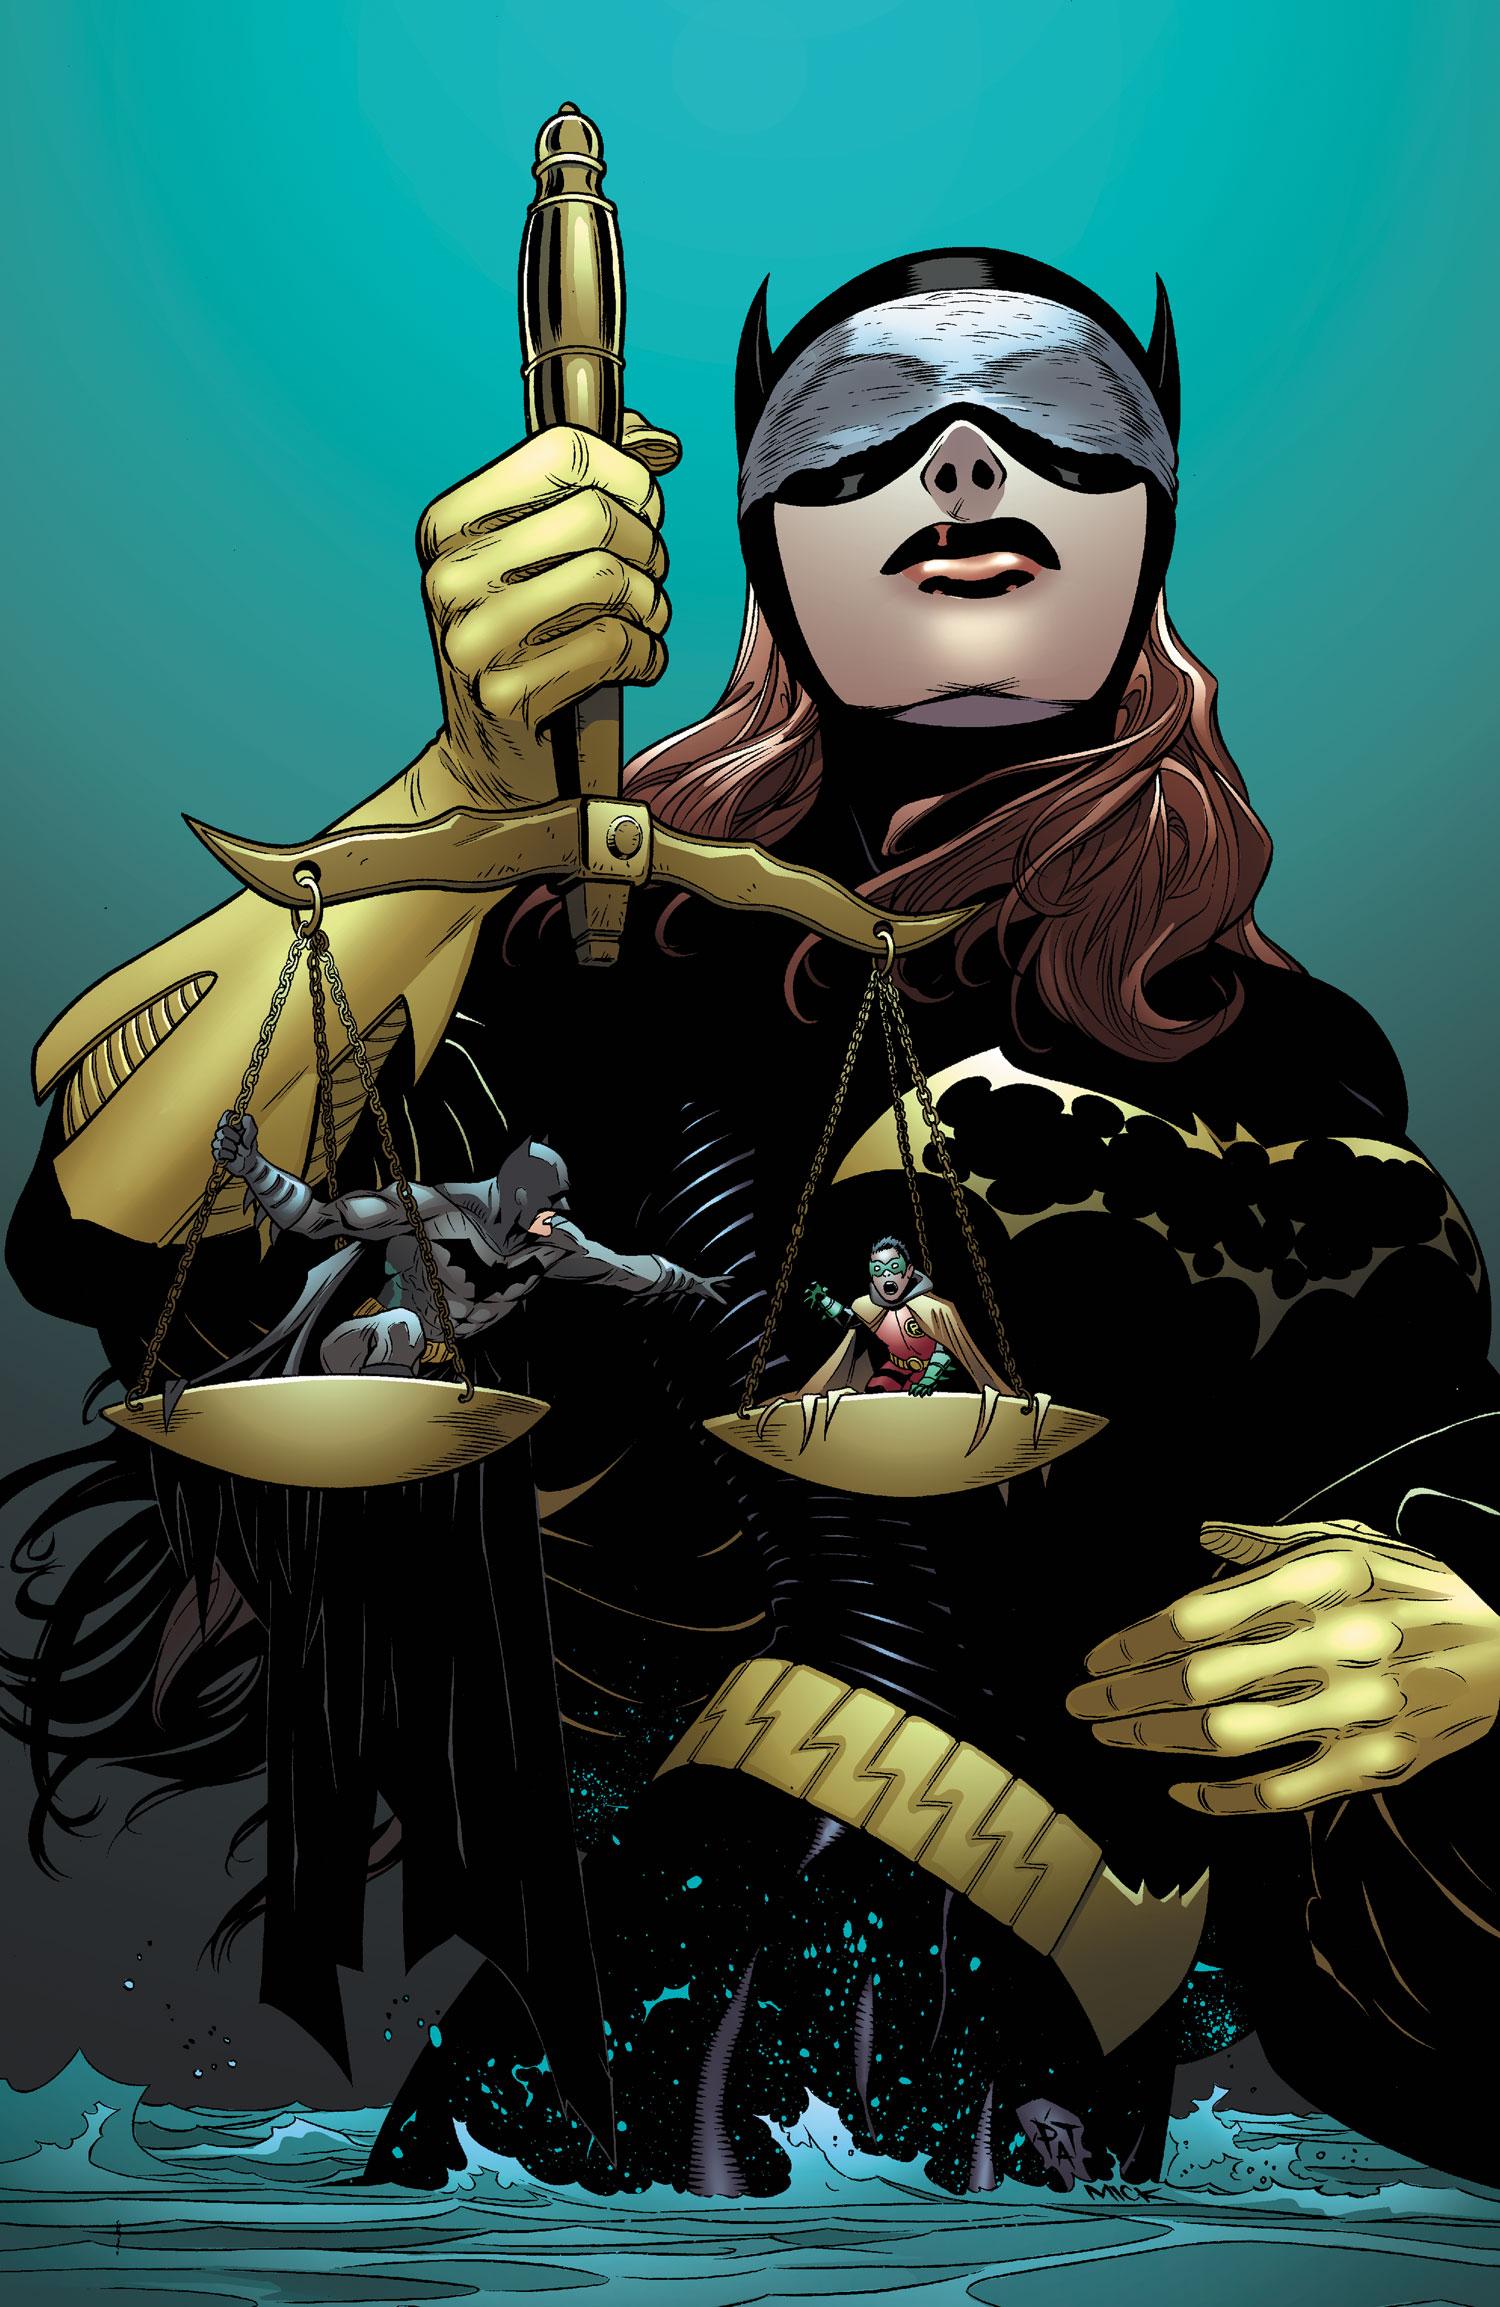 New 52 - Batman and Batgirl #21 review - Batman News